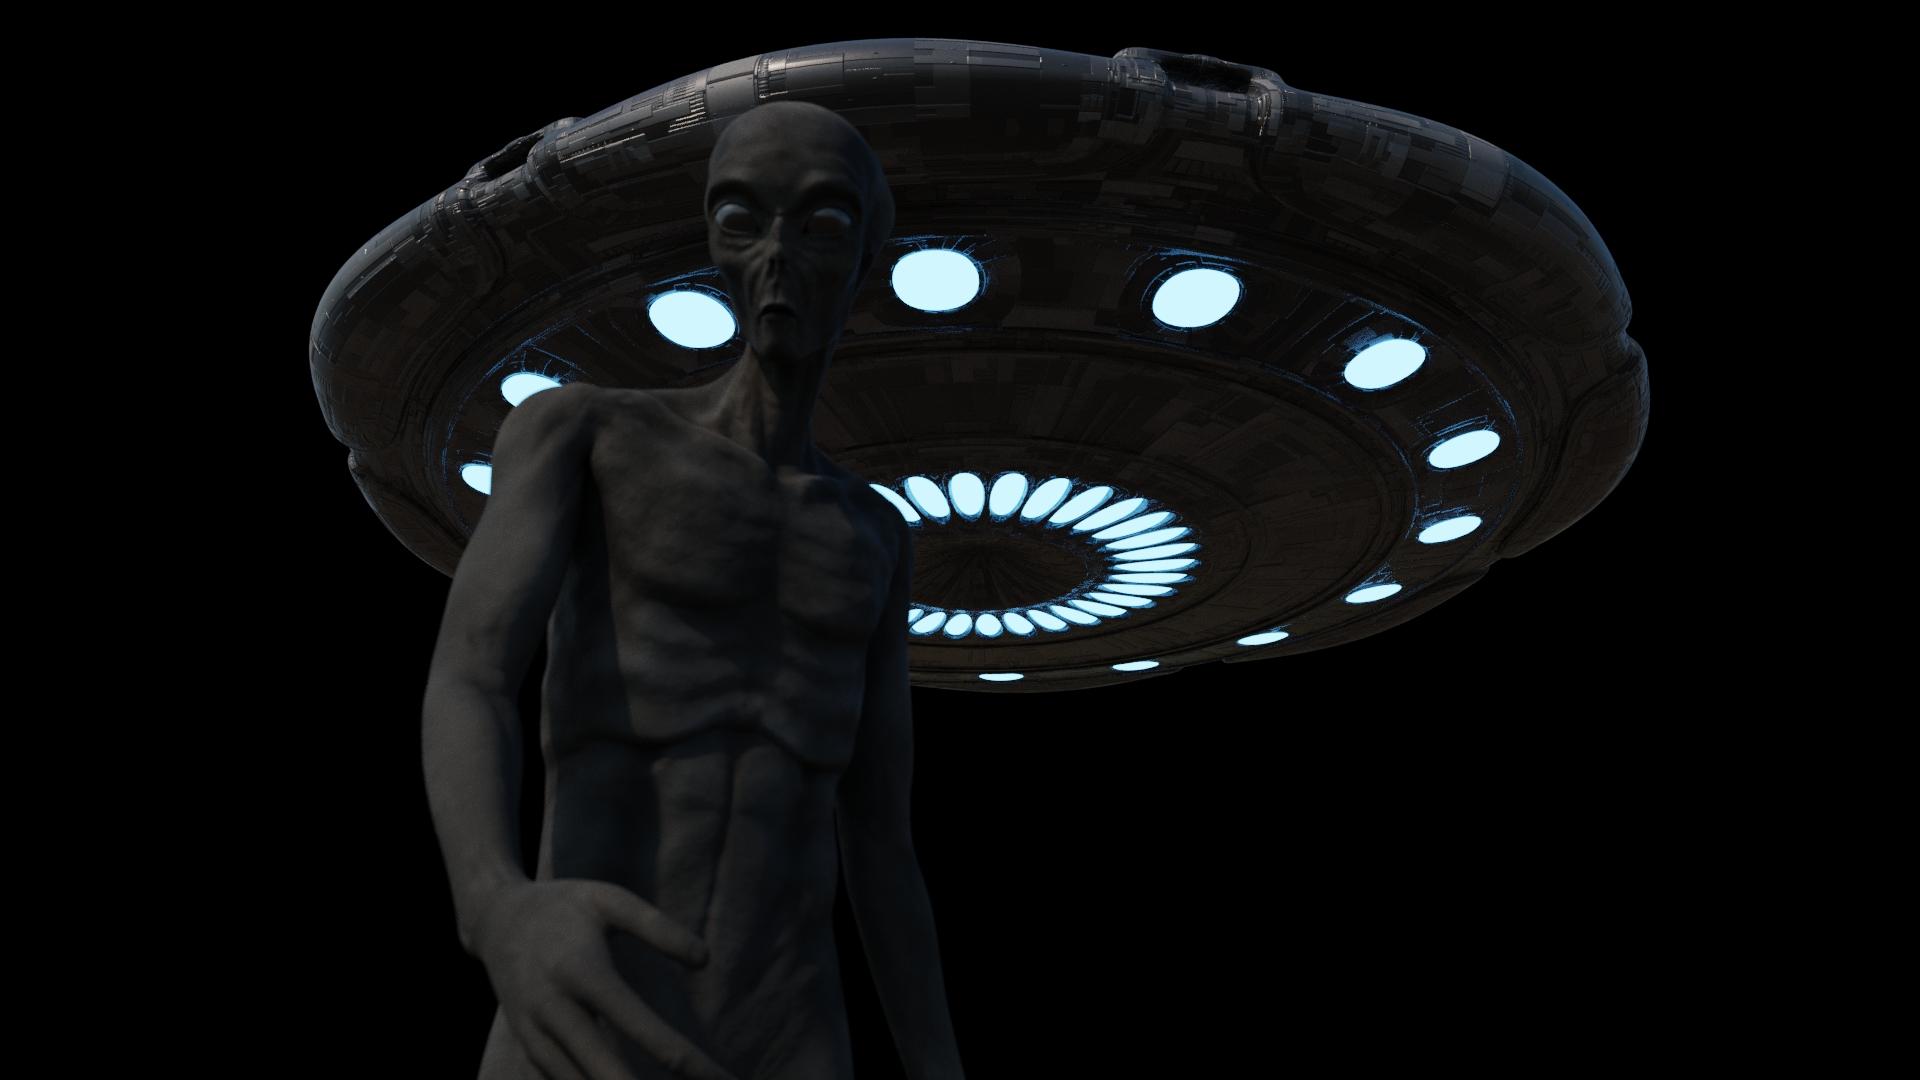 user_img_7cdbaHnJwW_alien_ufo_01.jpg